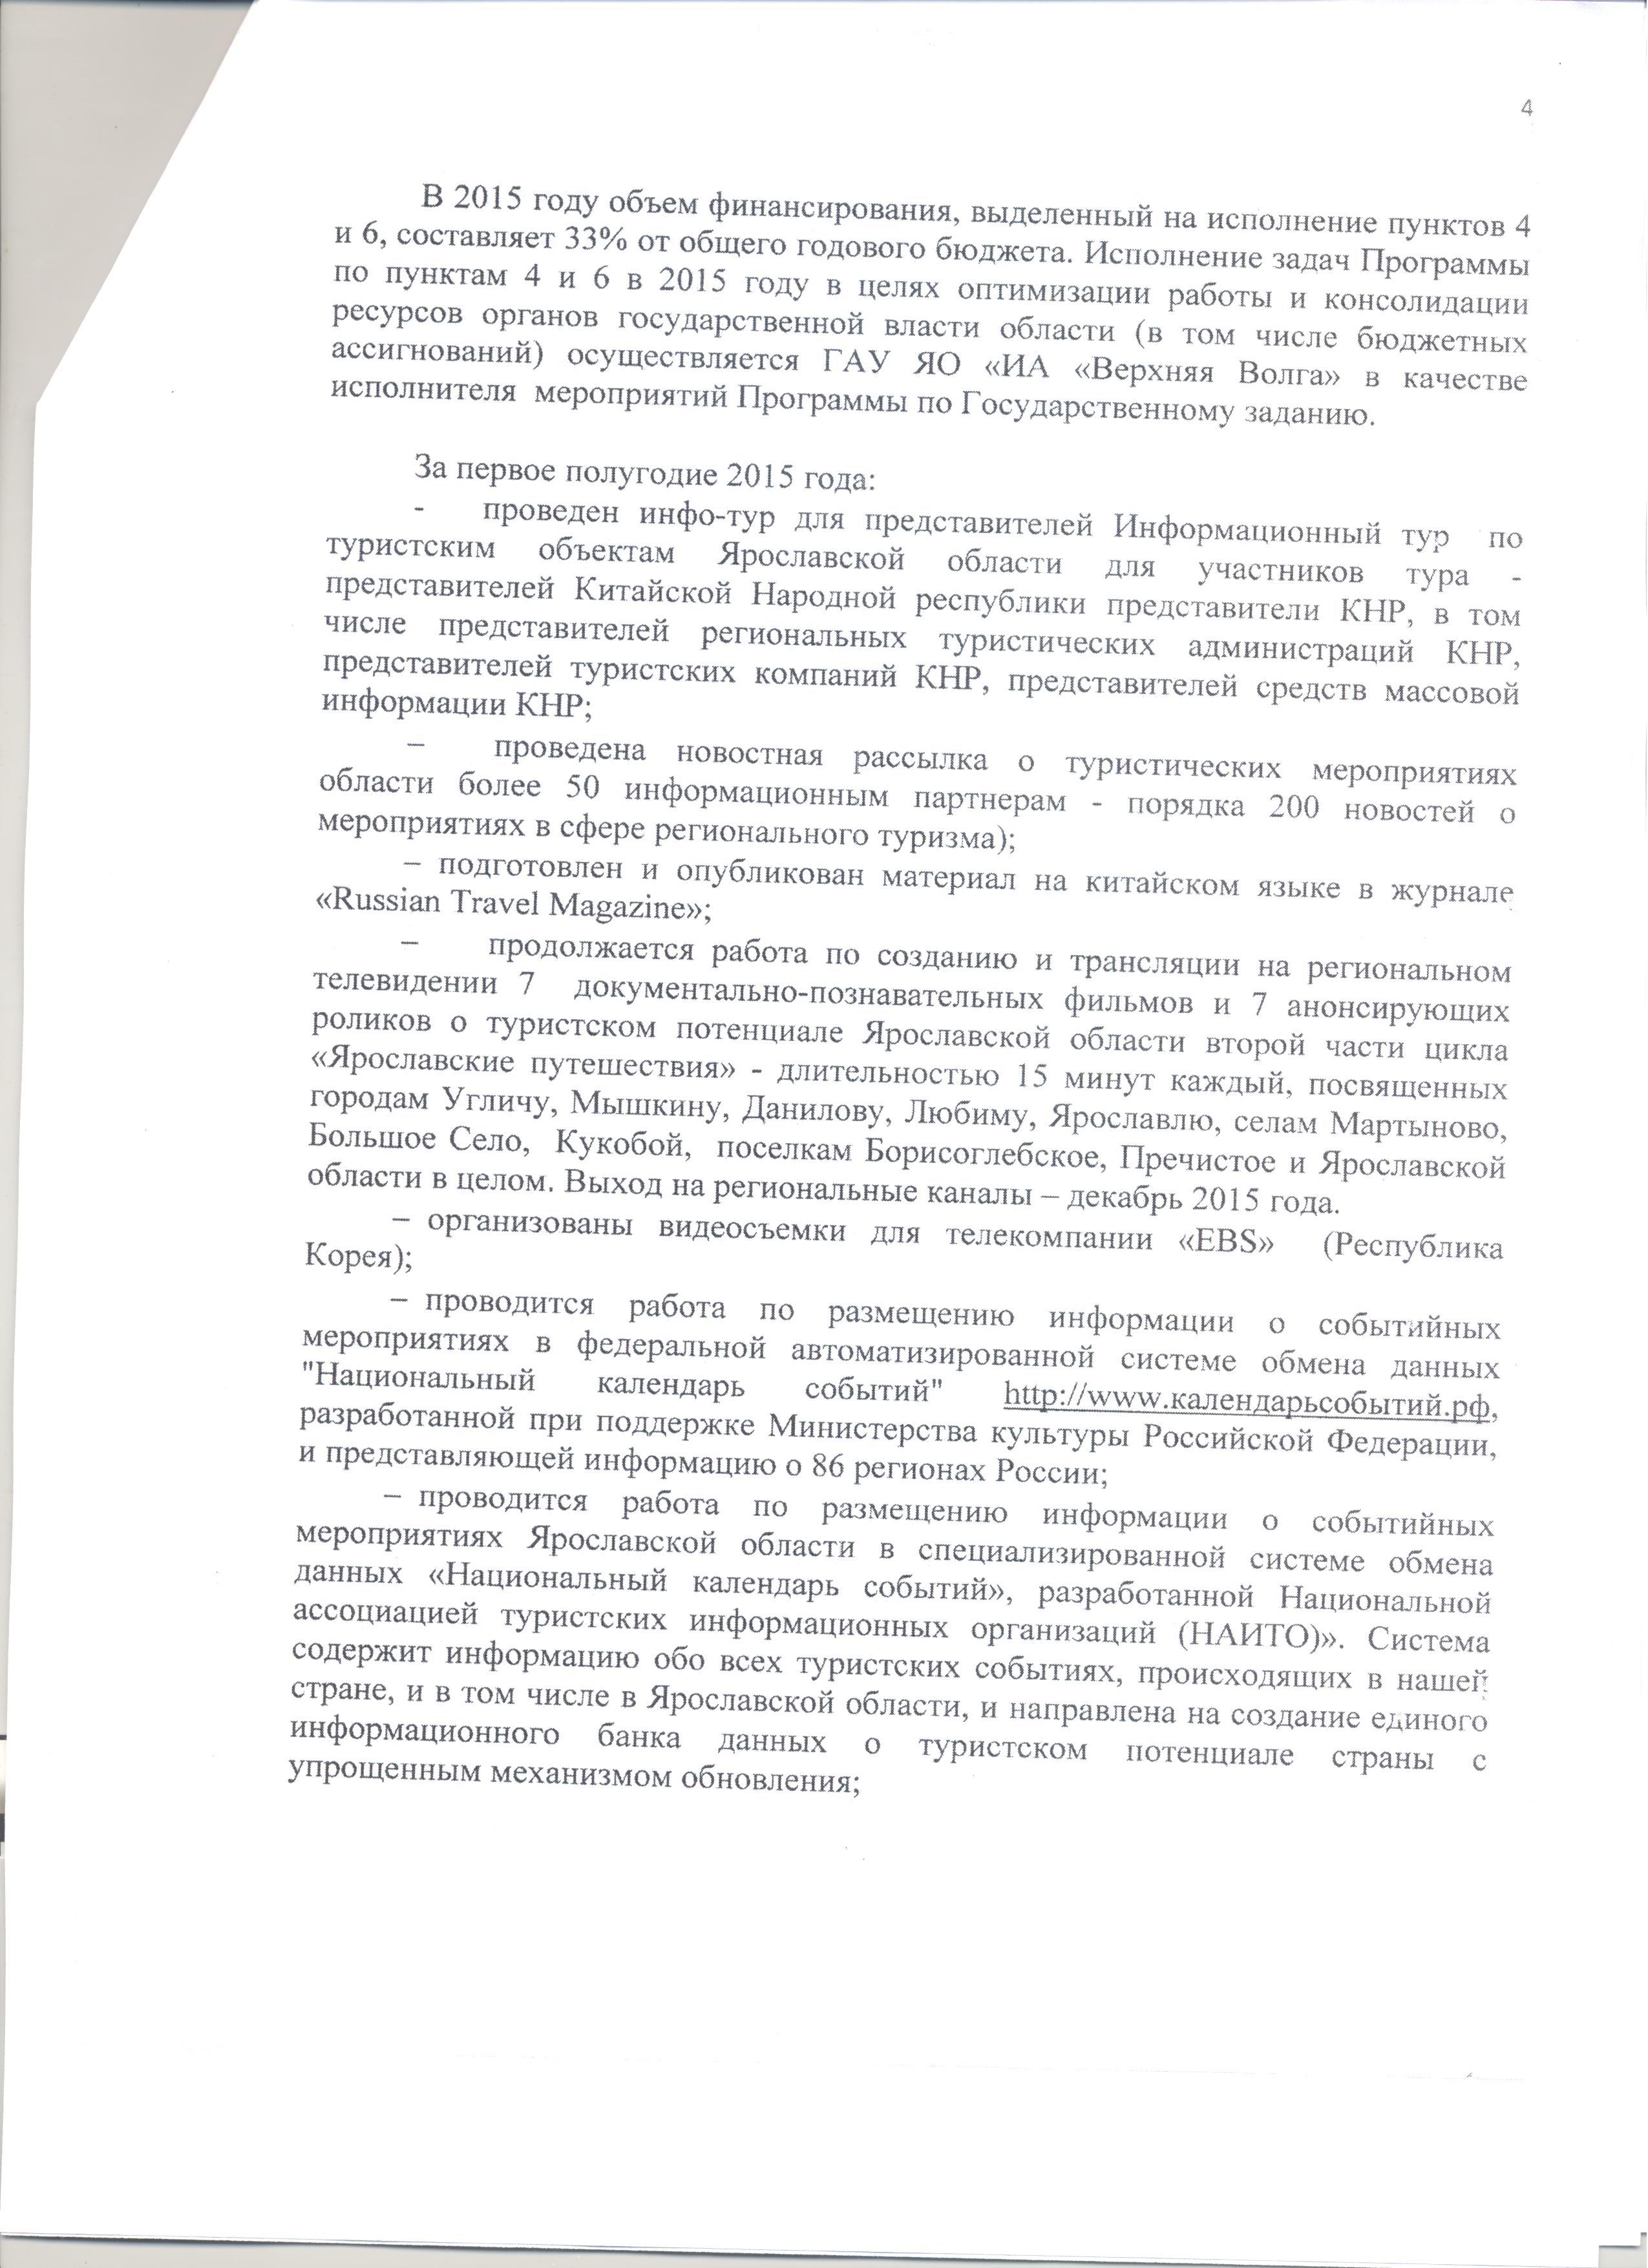 Ответ Ярославской Обл.5